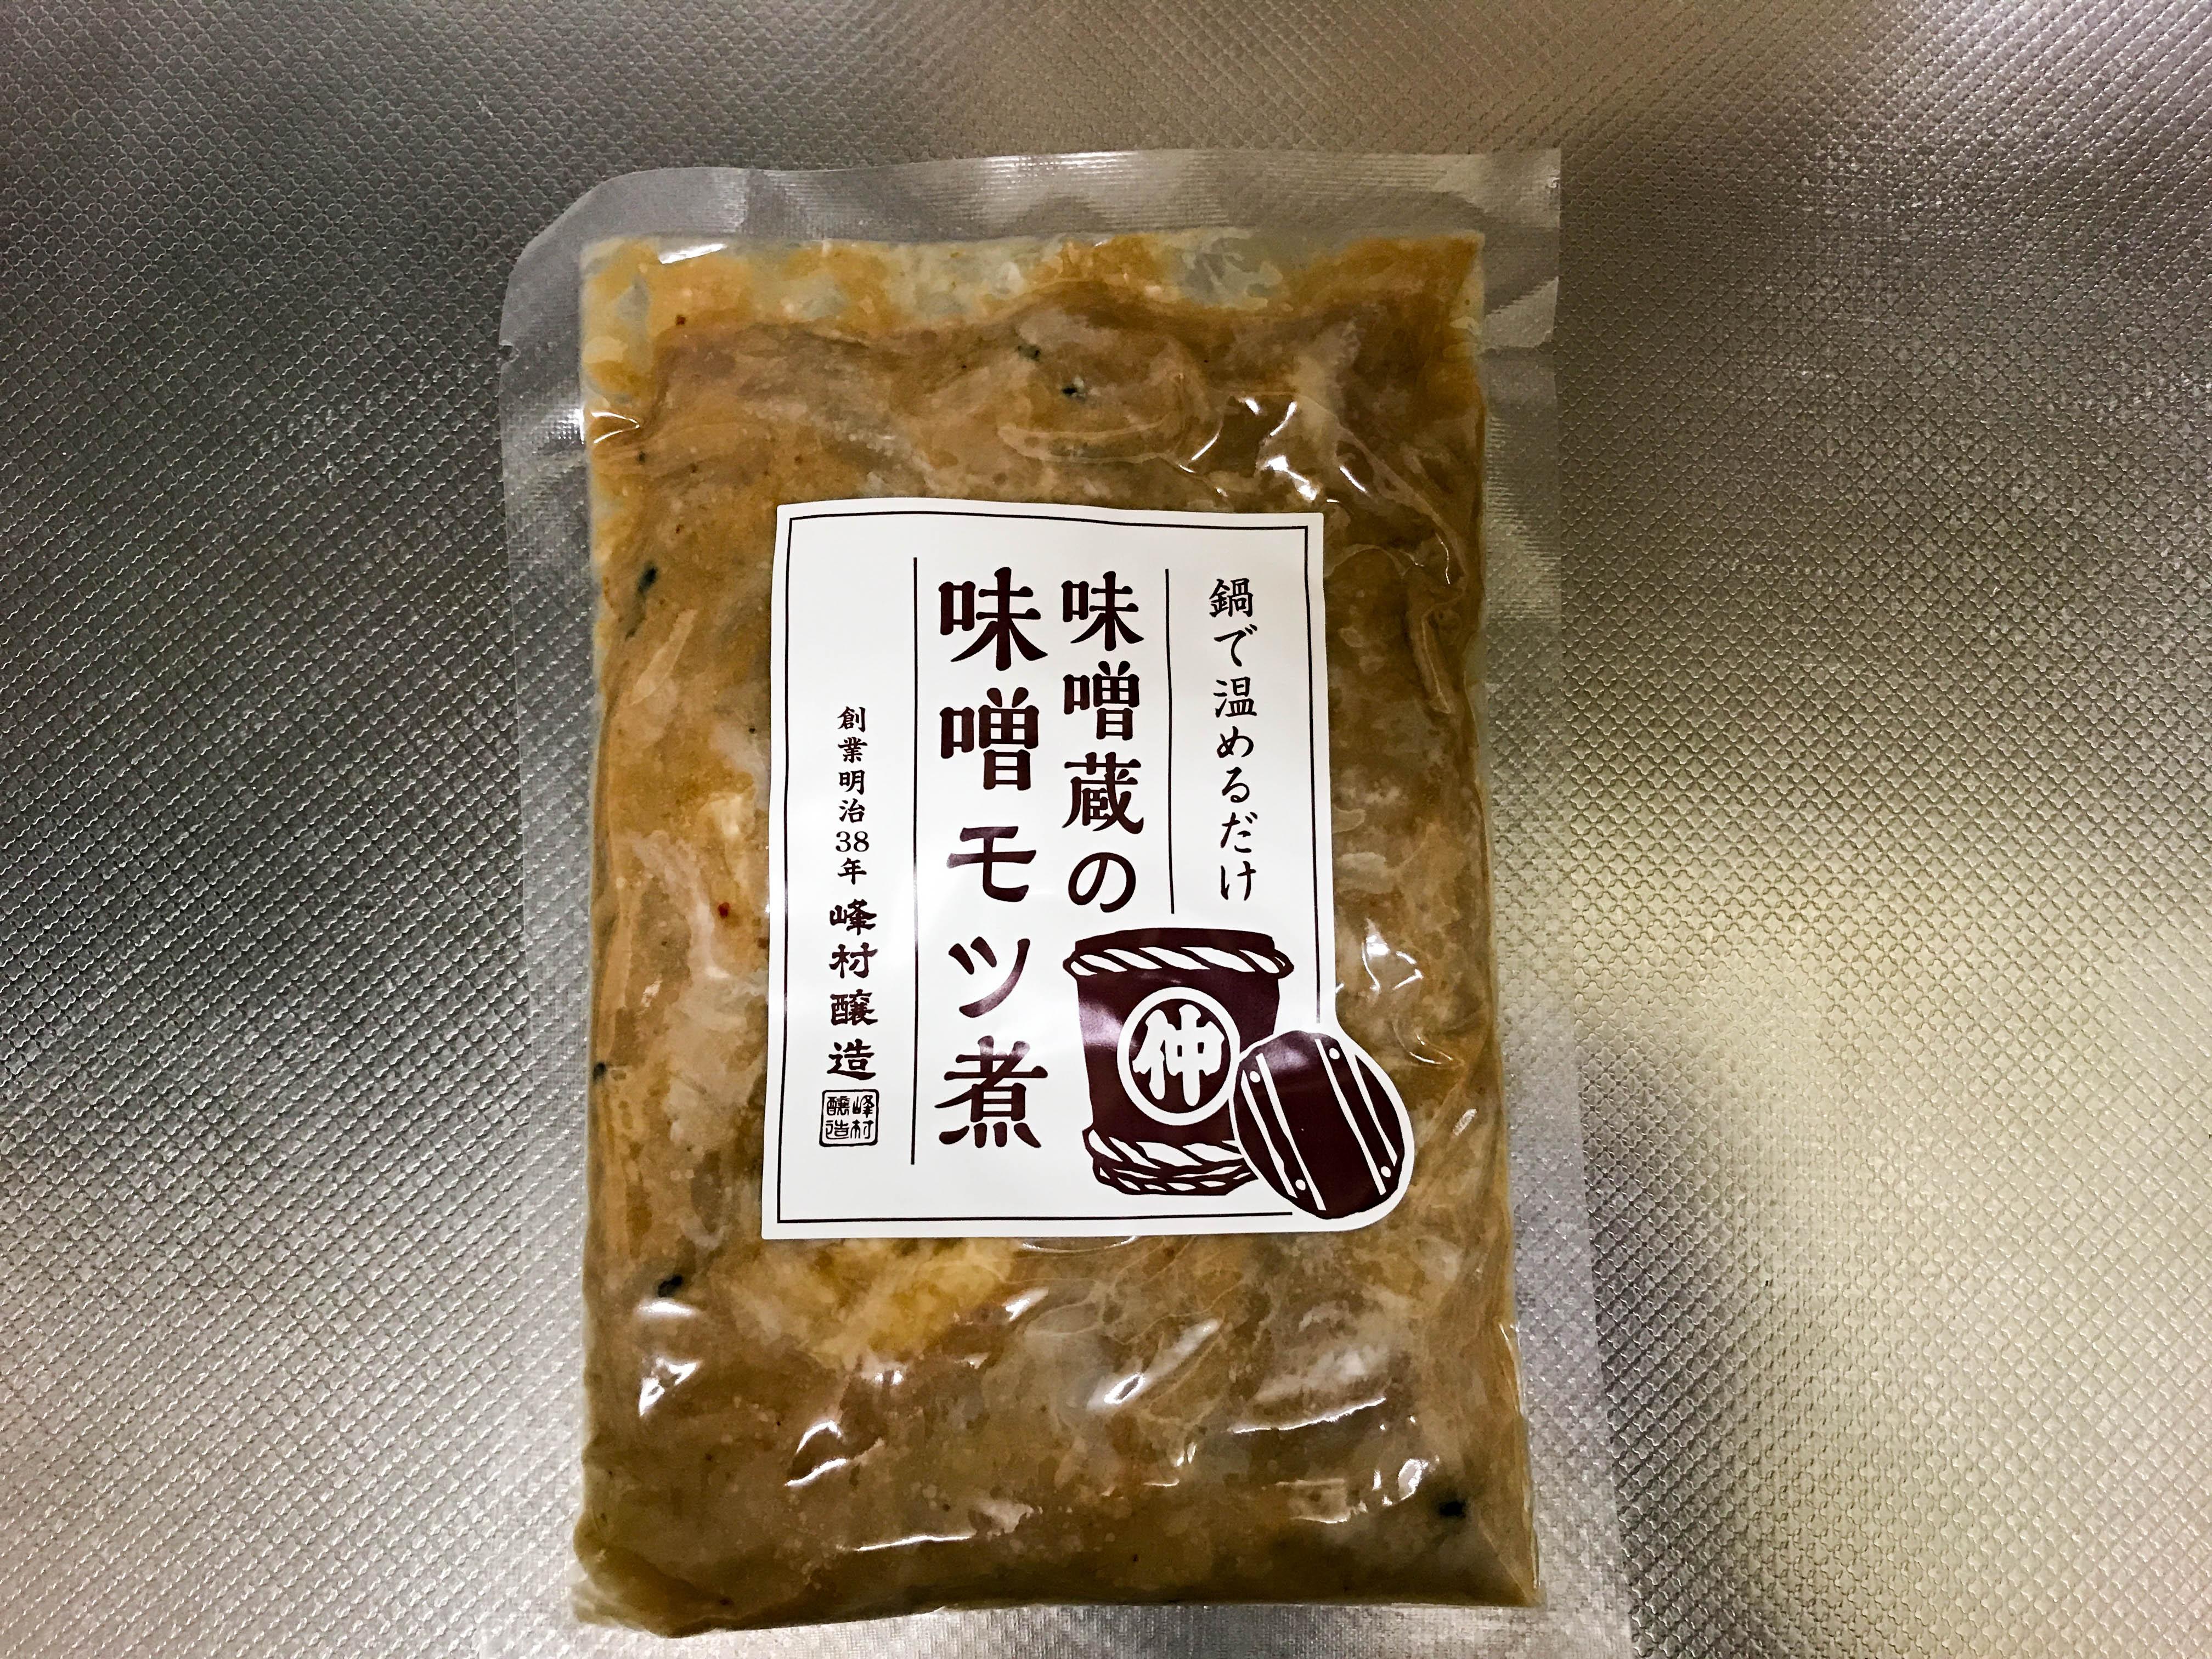 峰村醸造の【味噌蔵の味噌モツ煮】。簡単調理で深い味わいのモツ煮が食べられる!